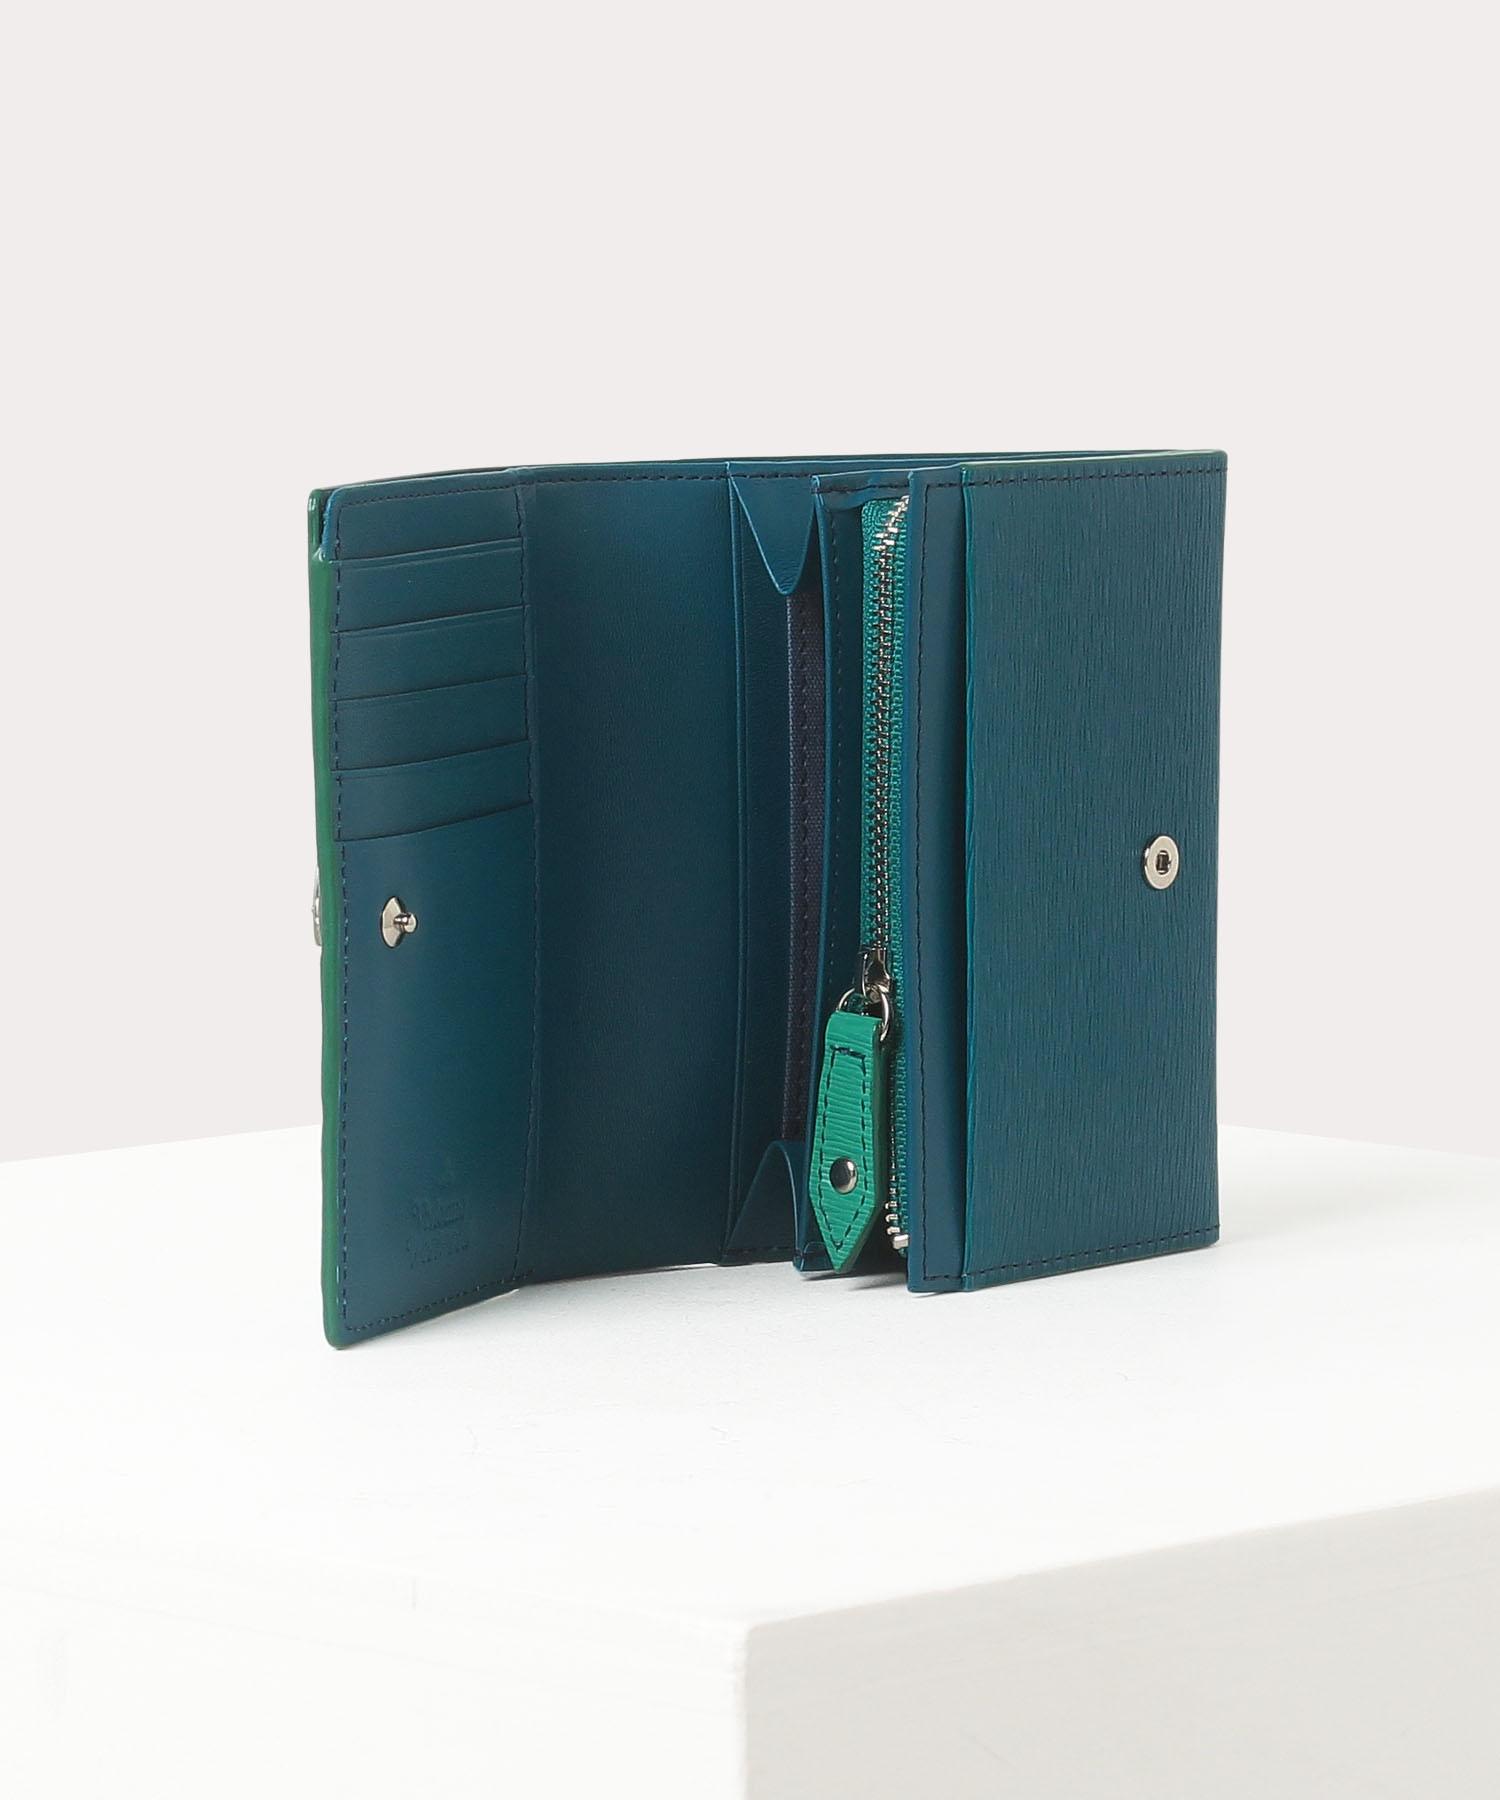 NEW グラデーション 二つ折り財布